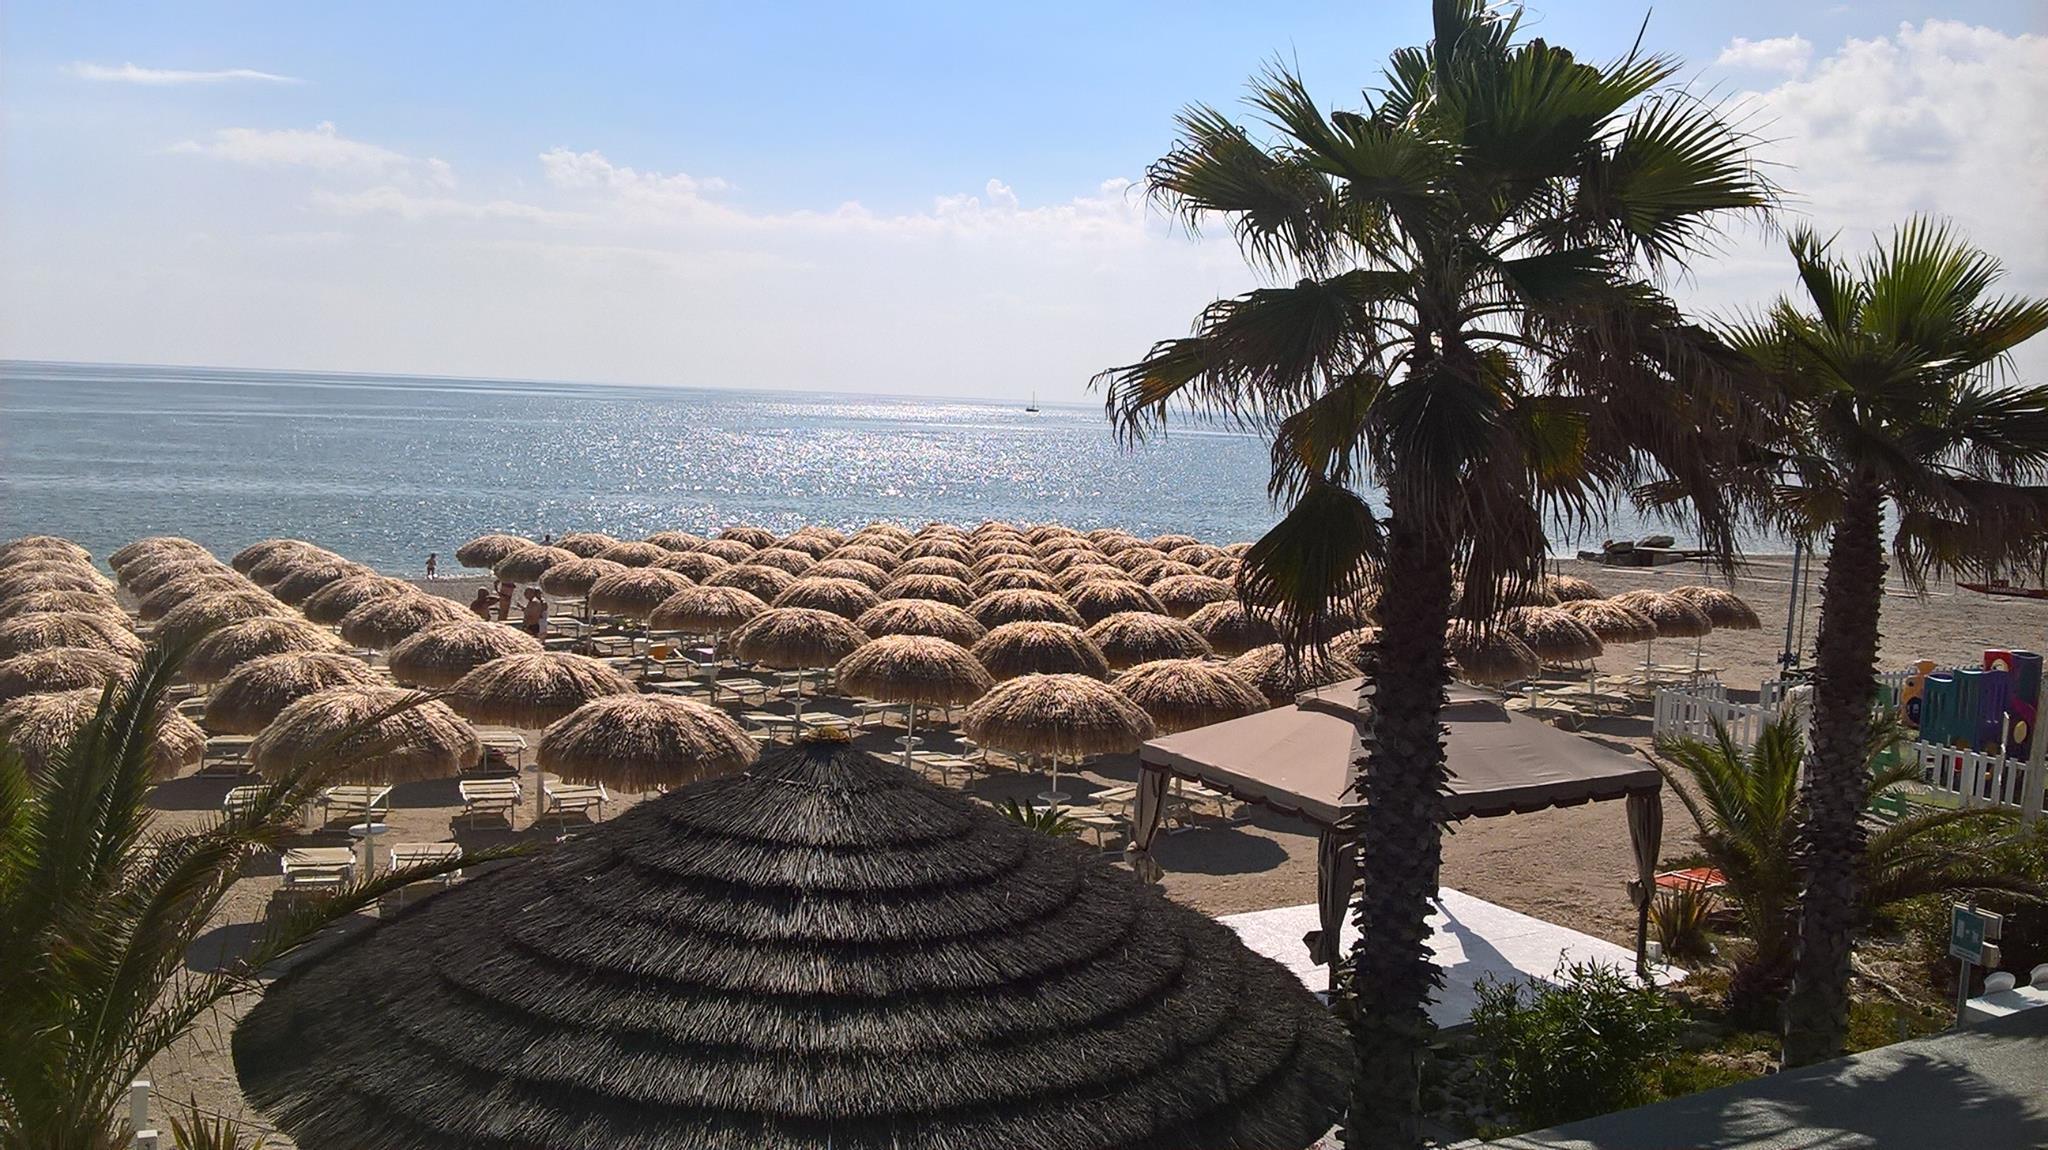 TI:ORO Ristorante Musica Spiaggia